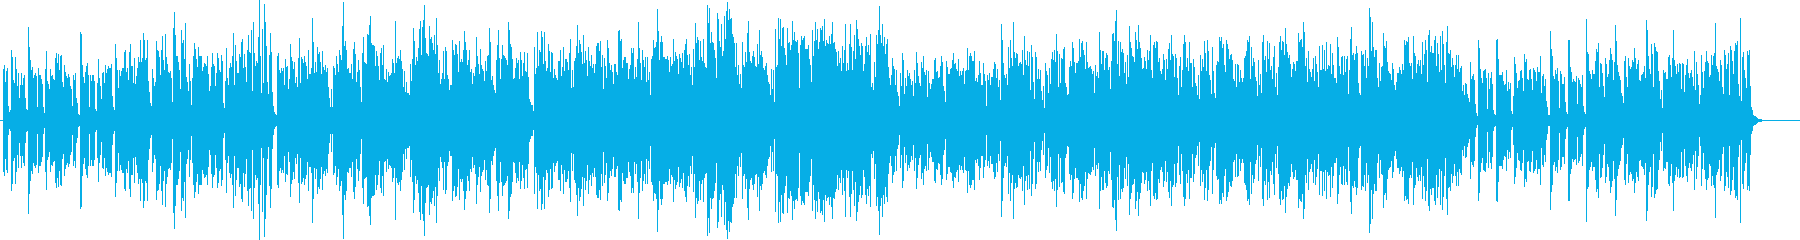 標準ジャズ。の再生済みの波形